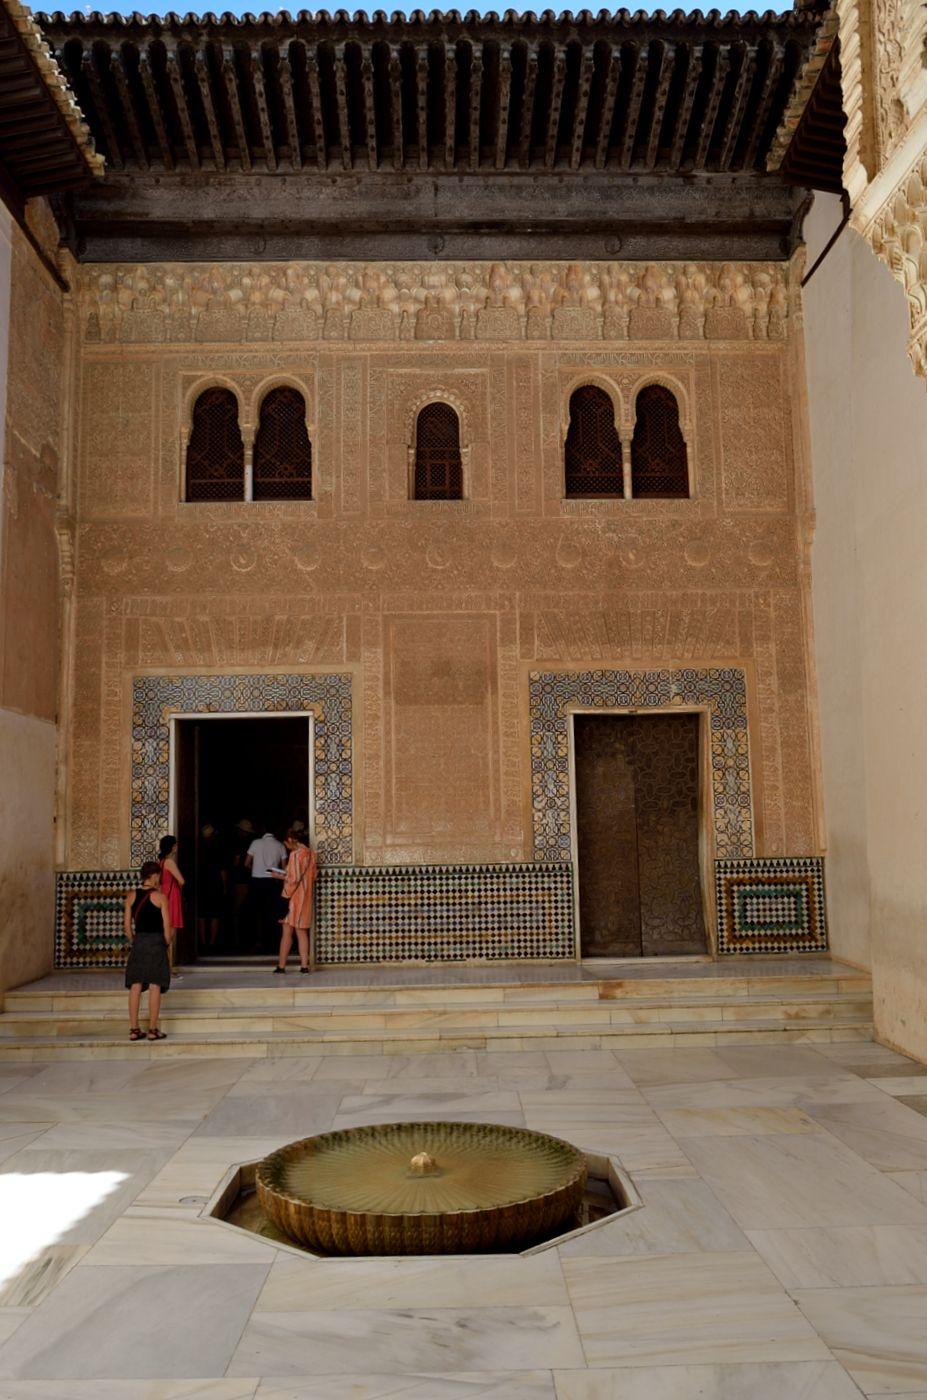 Cuarto Dorado, south facade, Alhambra 1248-1354, Granada, Spain